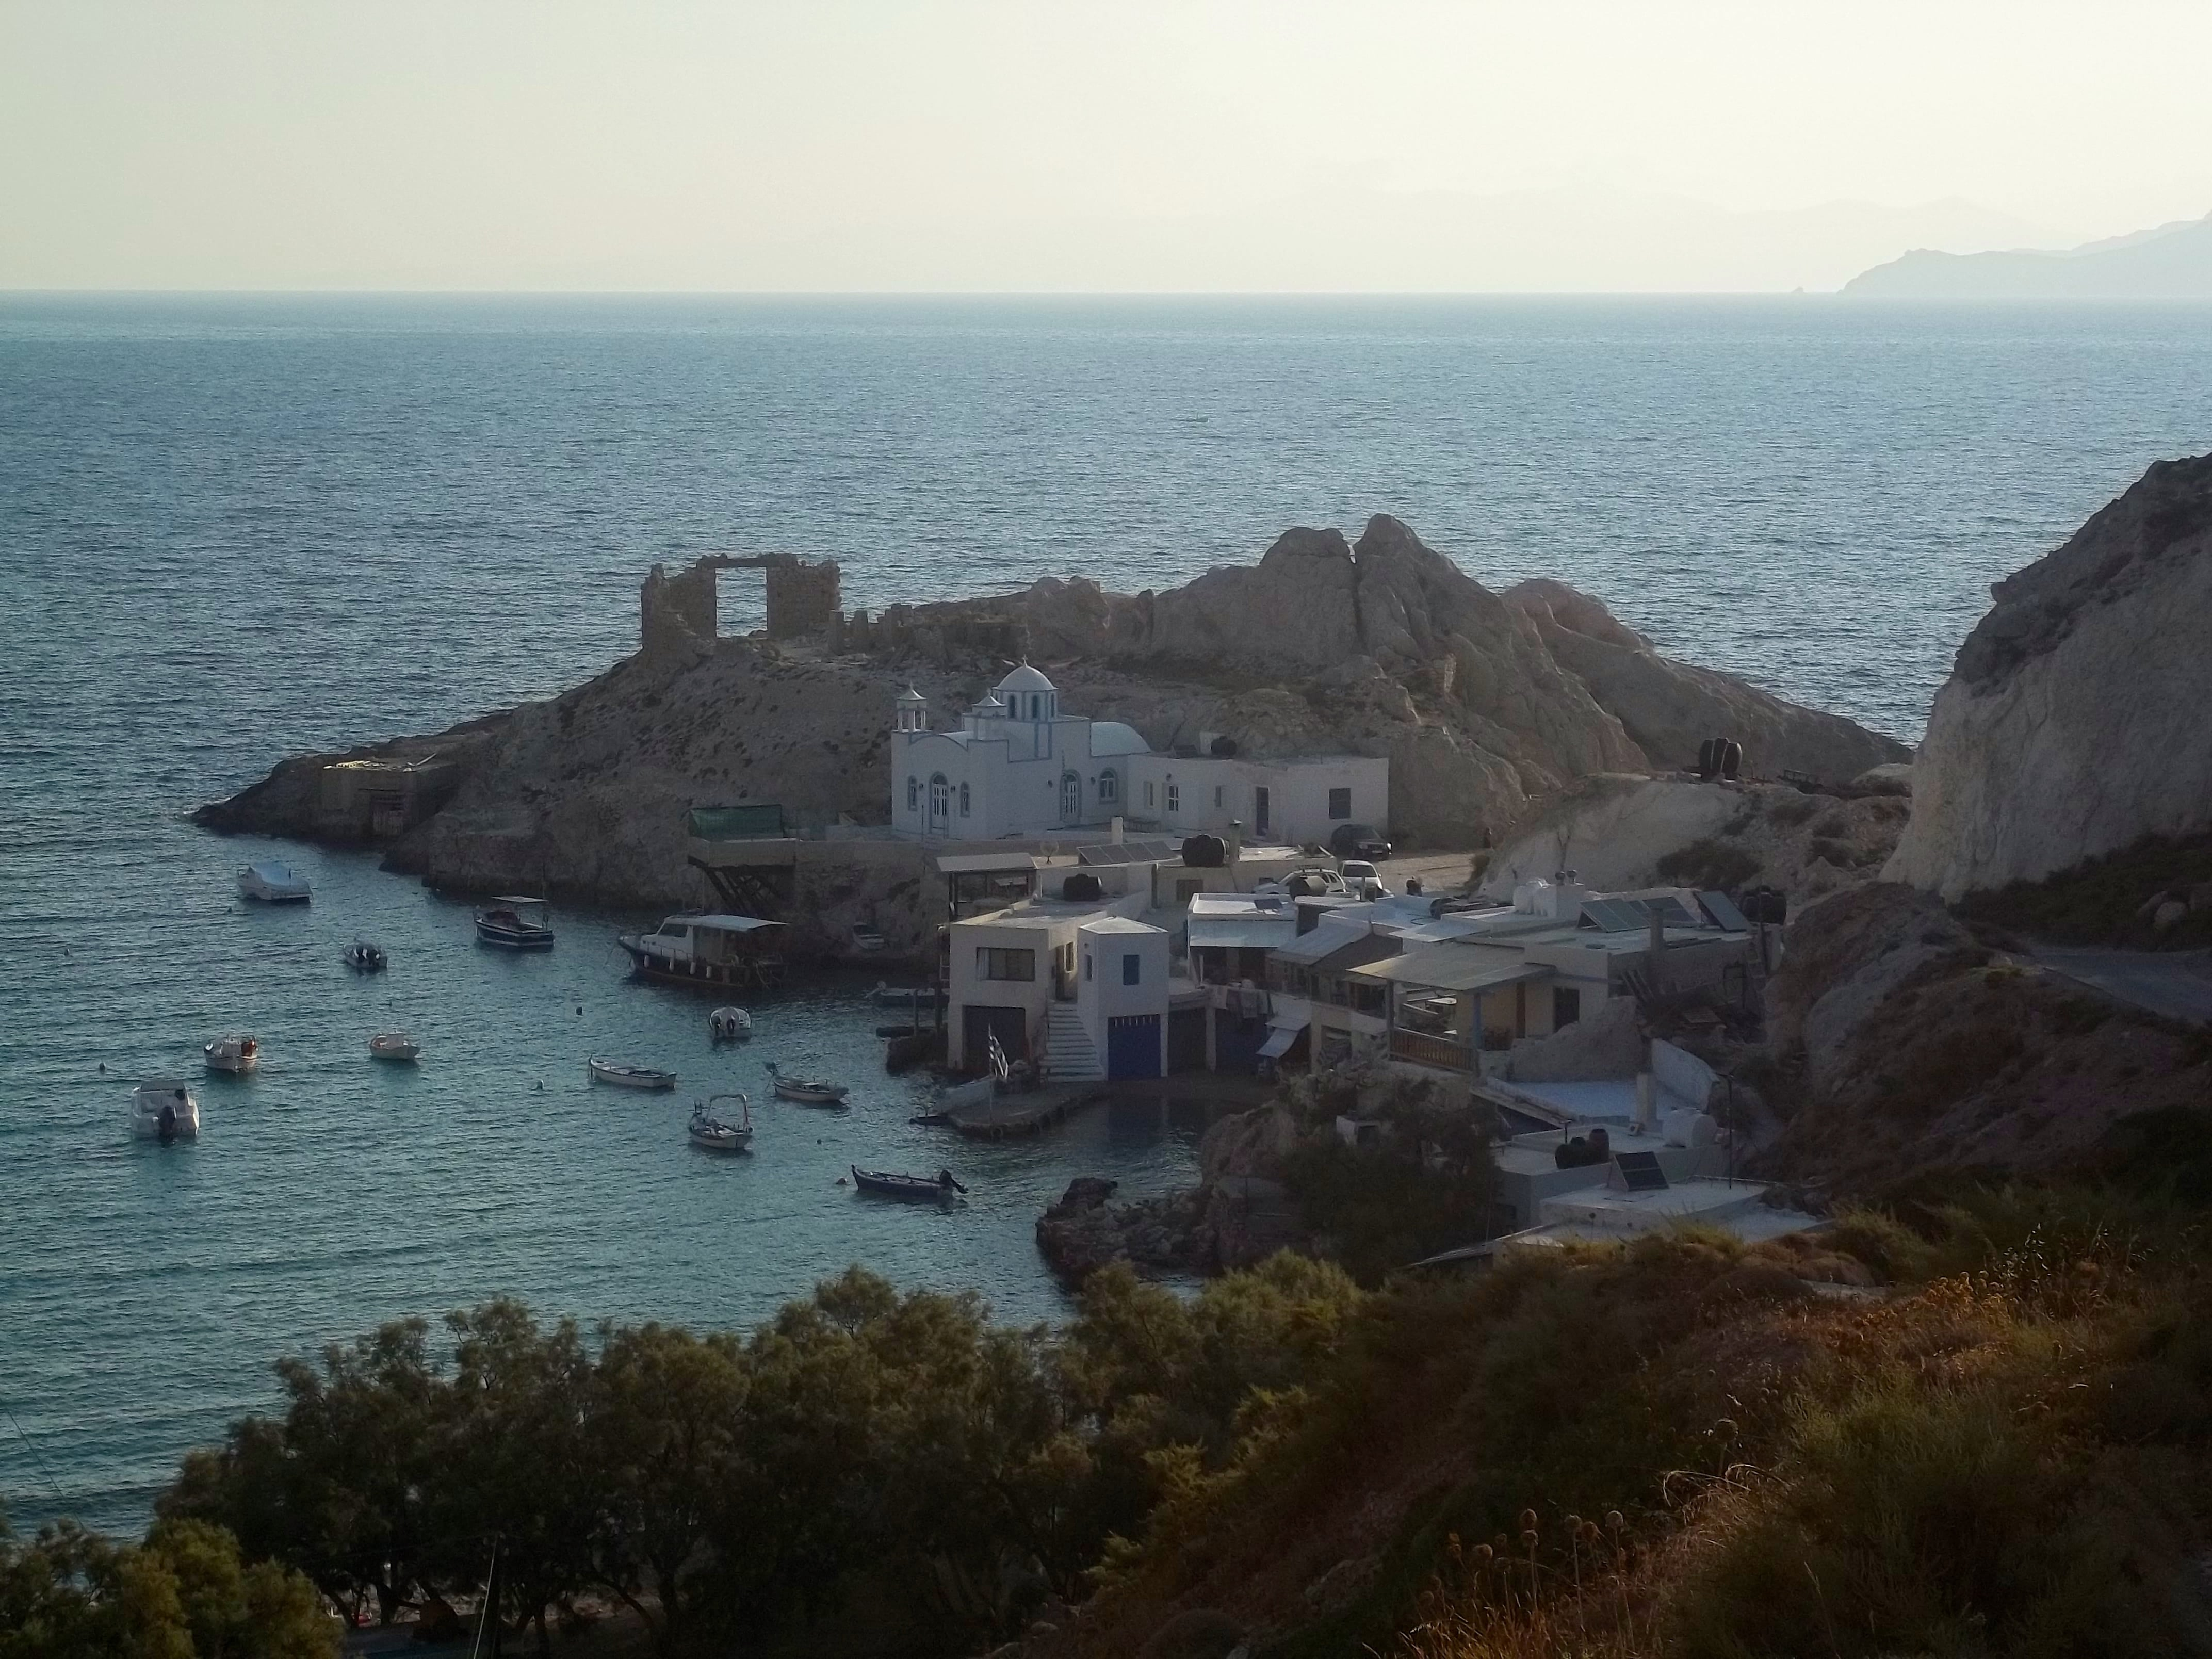 Amanecer en Firopotamos, en la isla de Milos